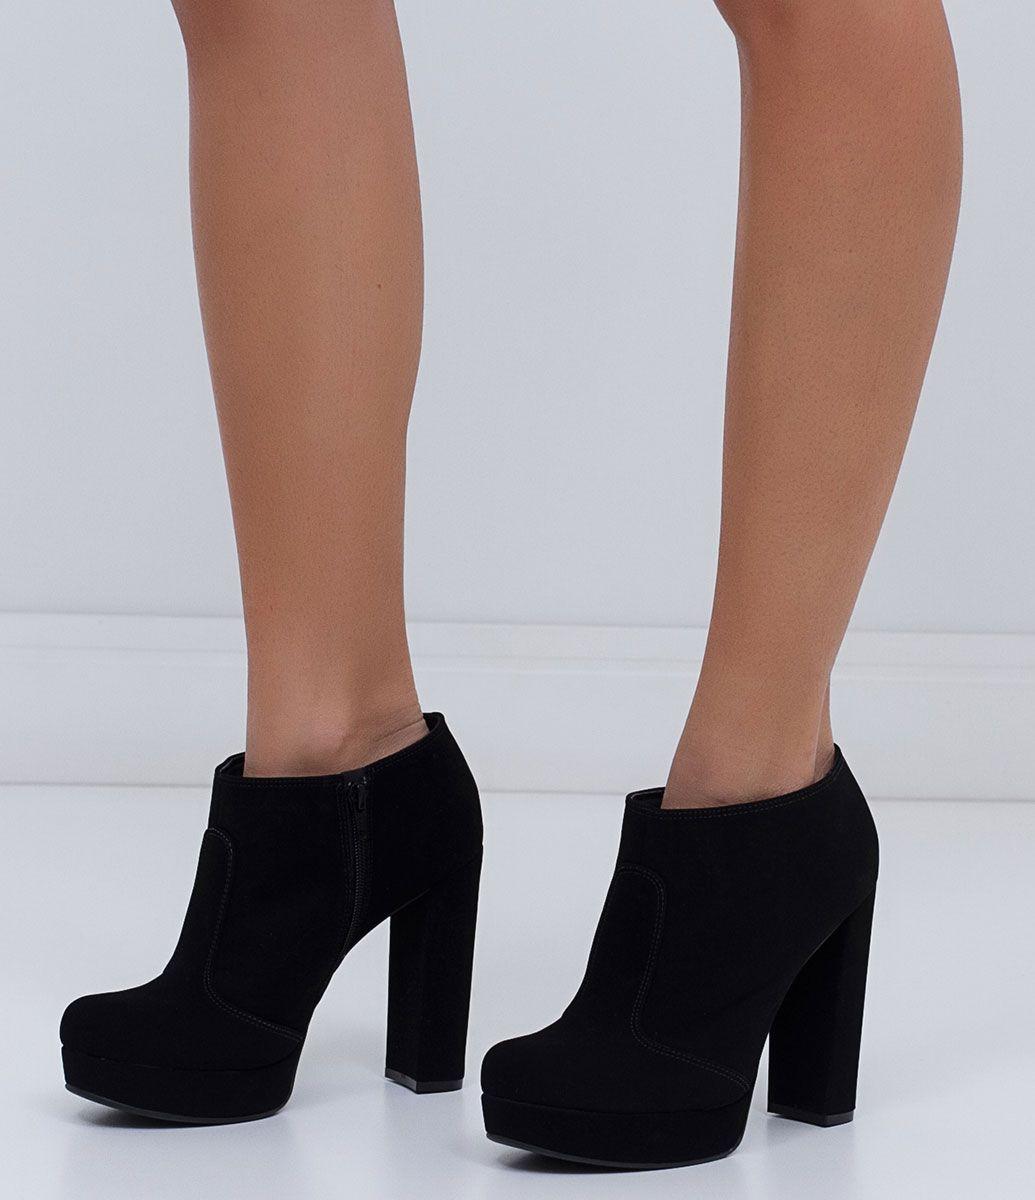 f6b44ba6b Bota feminina Modelo ankle boot Fechamento lateral com zíper Marca  Satinato  Material  suede COLEÇÃO INVERNO 2016 Veja outras opções de botas femininas.